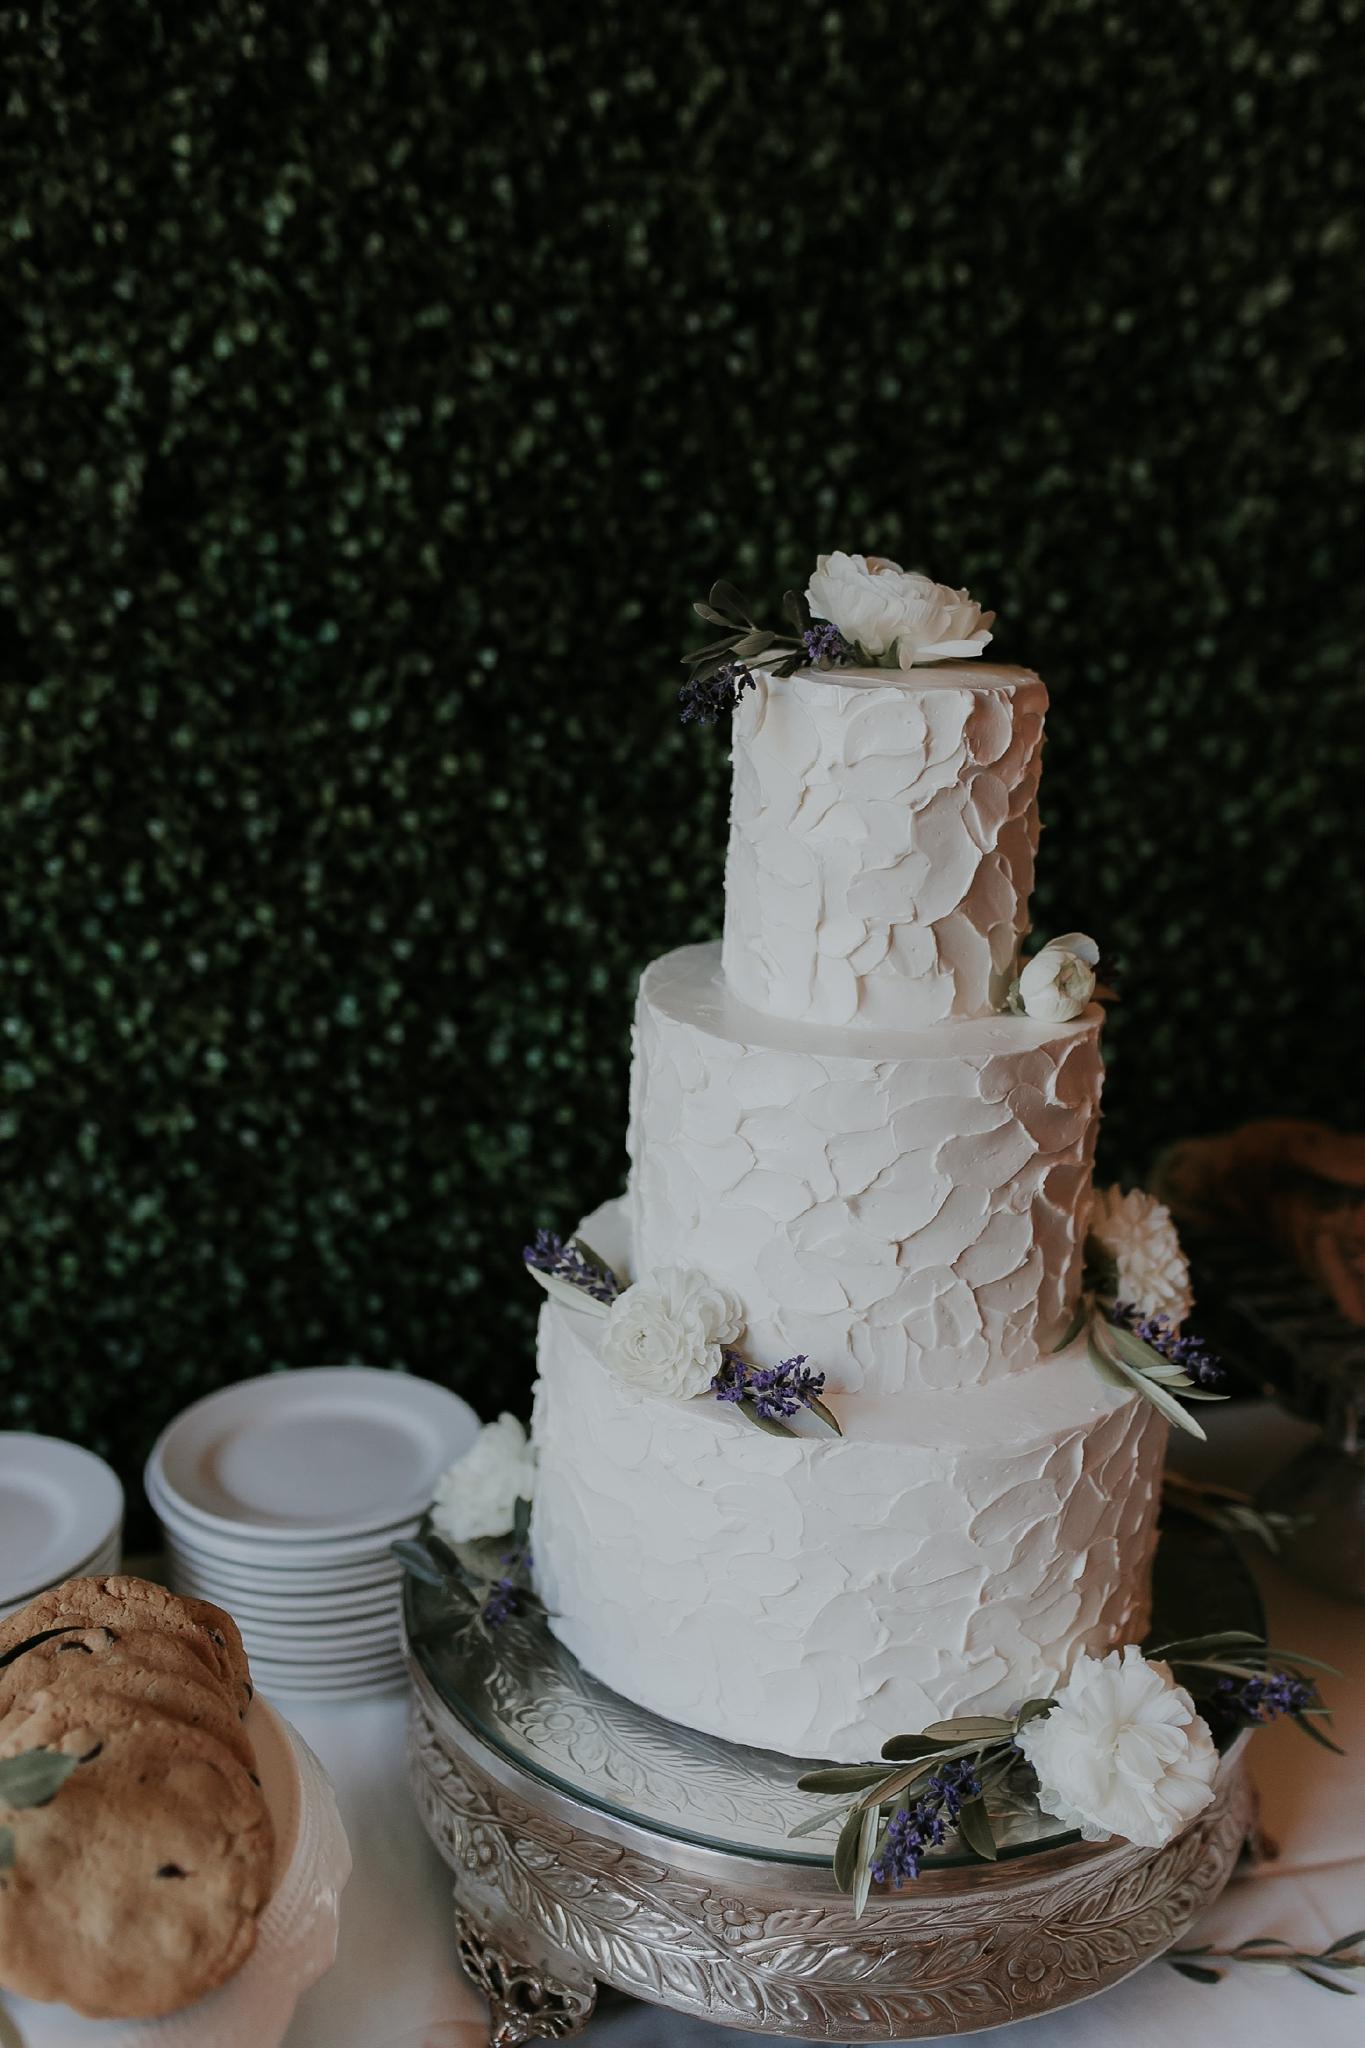 Alicia+lucia+photography+-+albuquerque+wedding+photographer+-+santa+fe+wedding+photography+-+new+mexico+wedding+photographer+-+wedding+reception+-+wedding+cake+-+wedding+sweets+-+maggies+cakes_0026.jpg